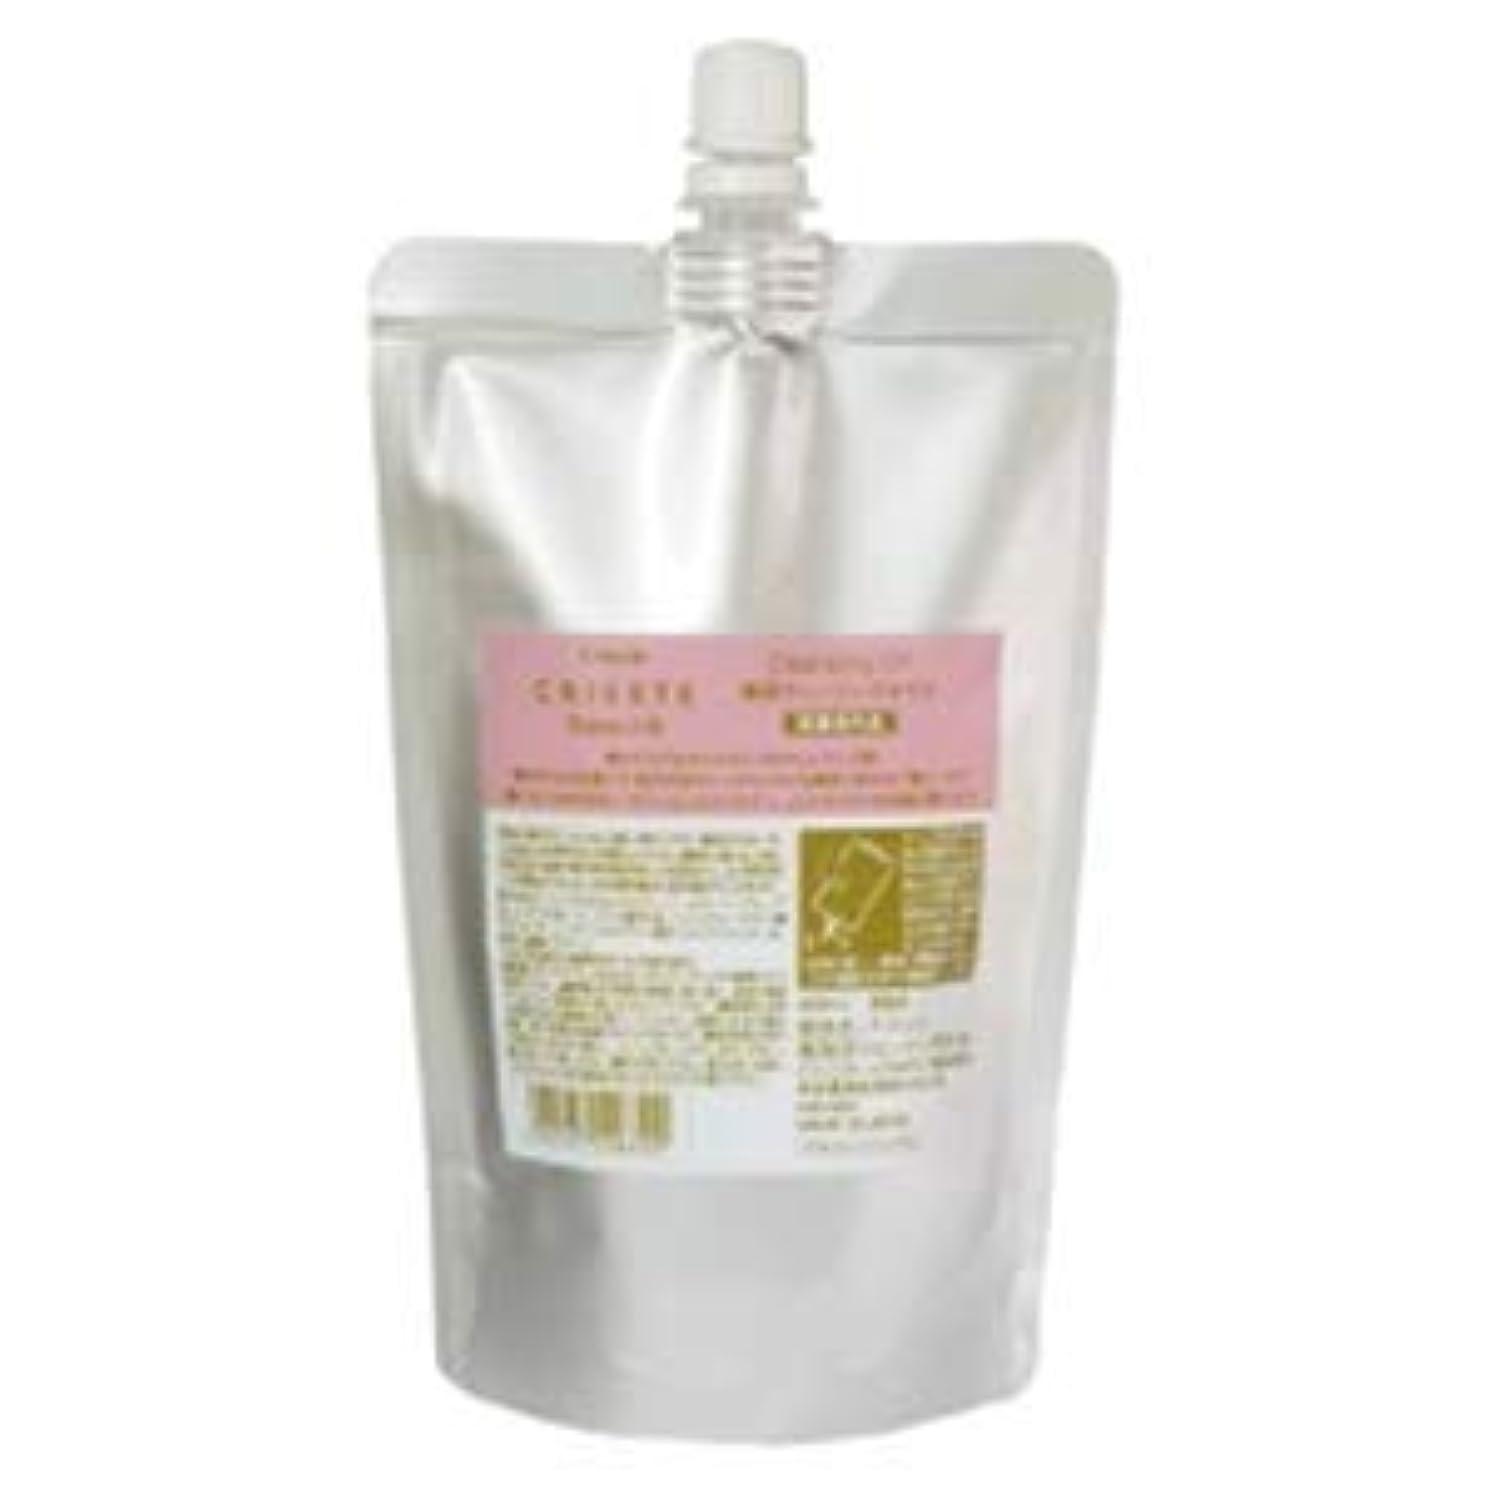 問い合わせる代わりのオーブンクラシエ クリエステボーテ 薬用クレンジングオイル 200mL 詰替え用